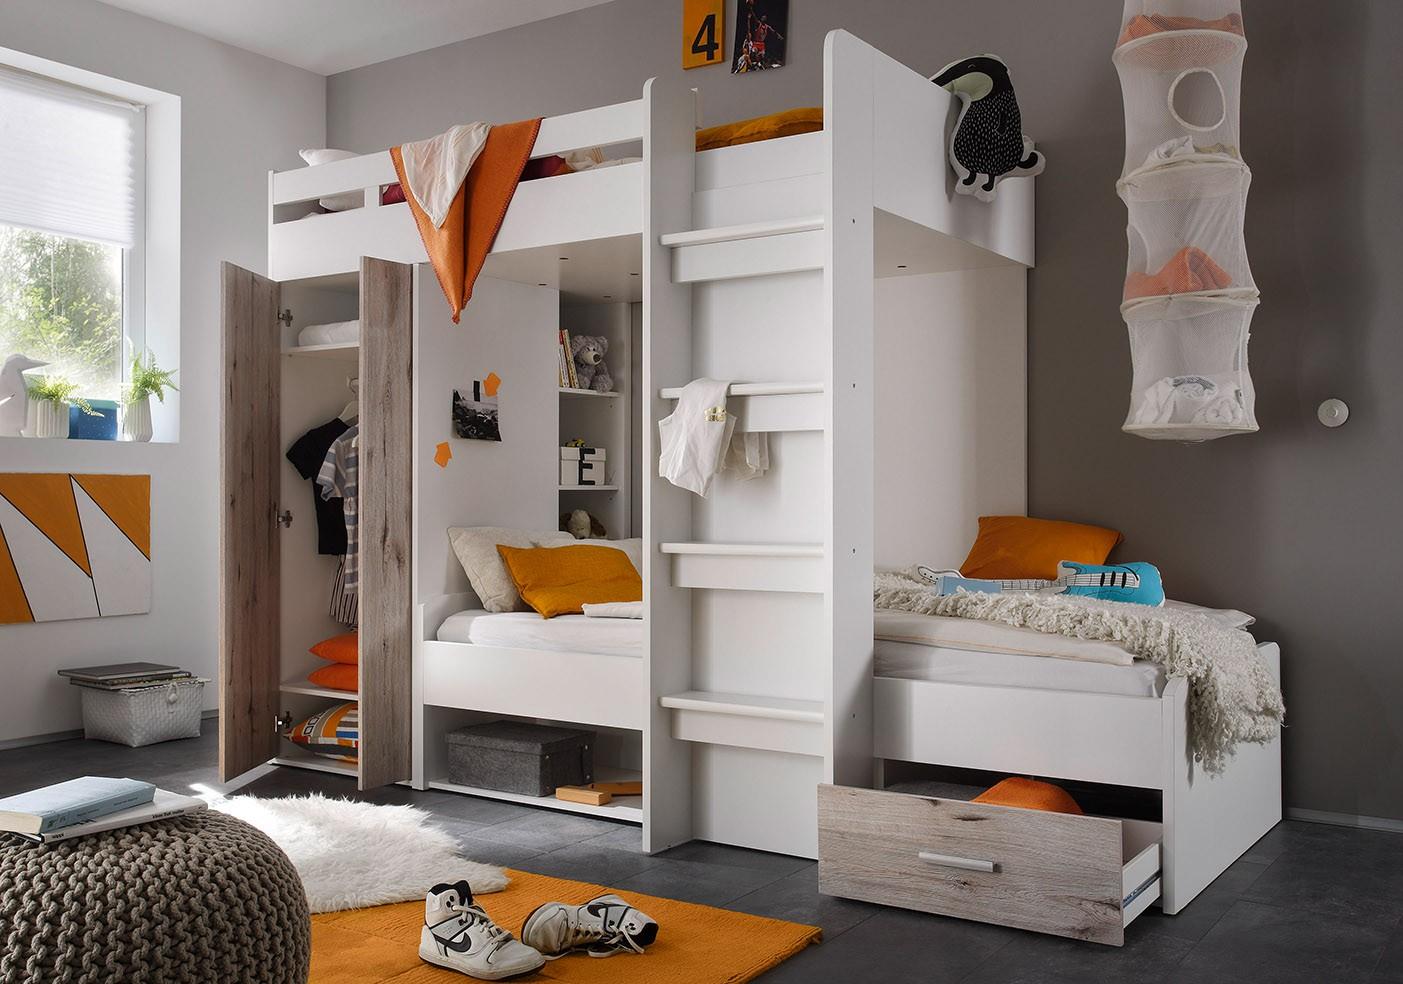 Etagenbett Nils weiß / grau inklusive Kleiderschrank + Schubkasten + Regale